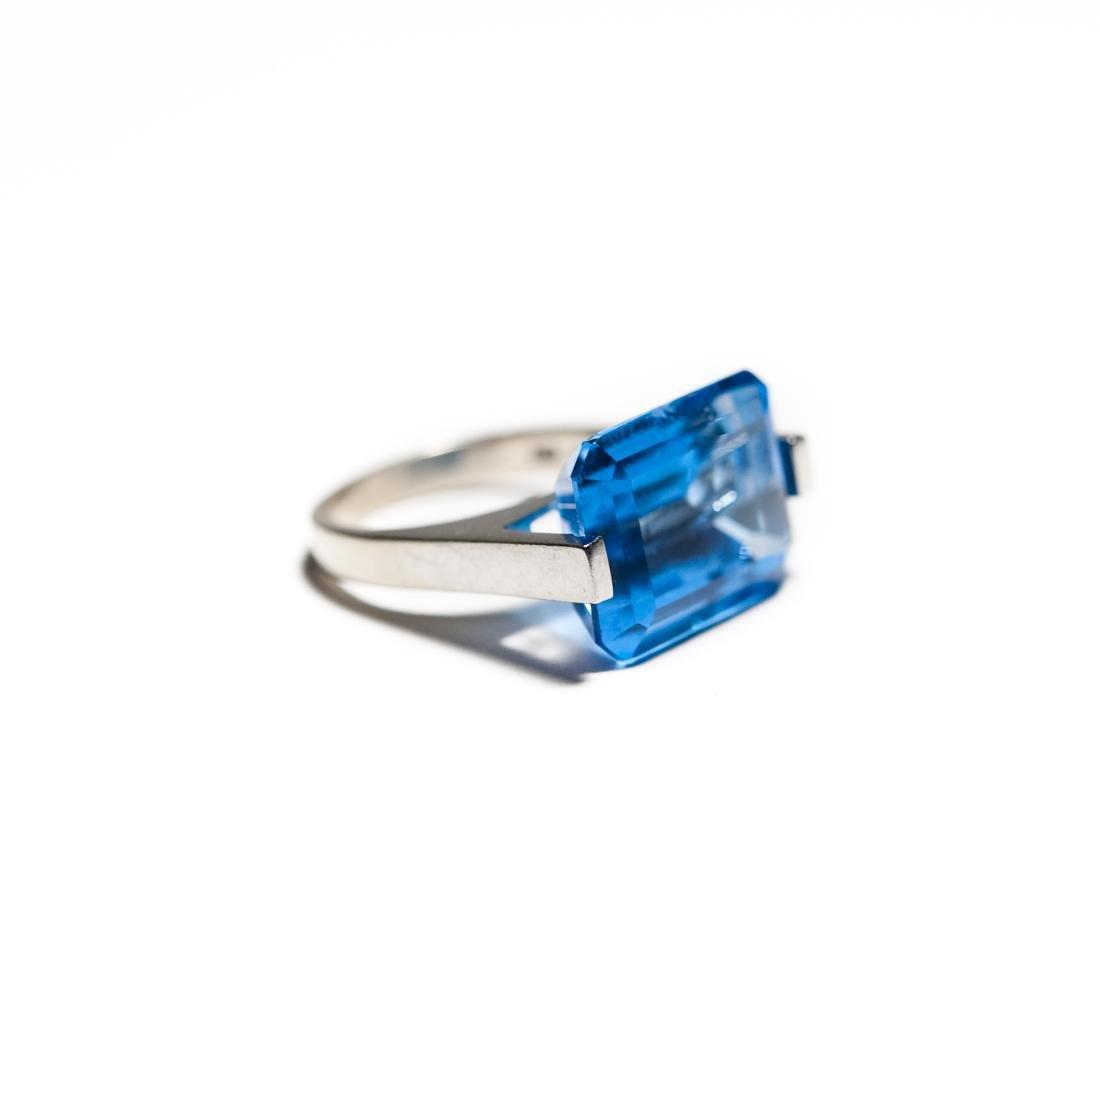 14K White Gold & Blue Topaz Ring. - 2